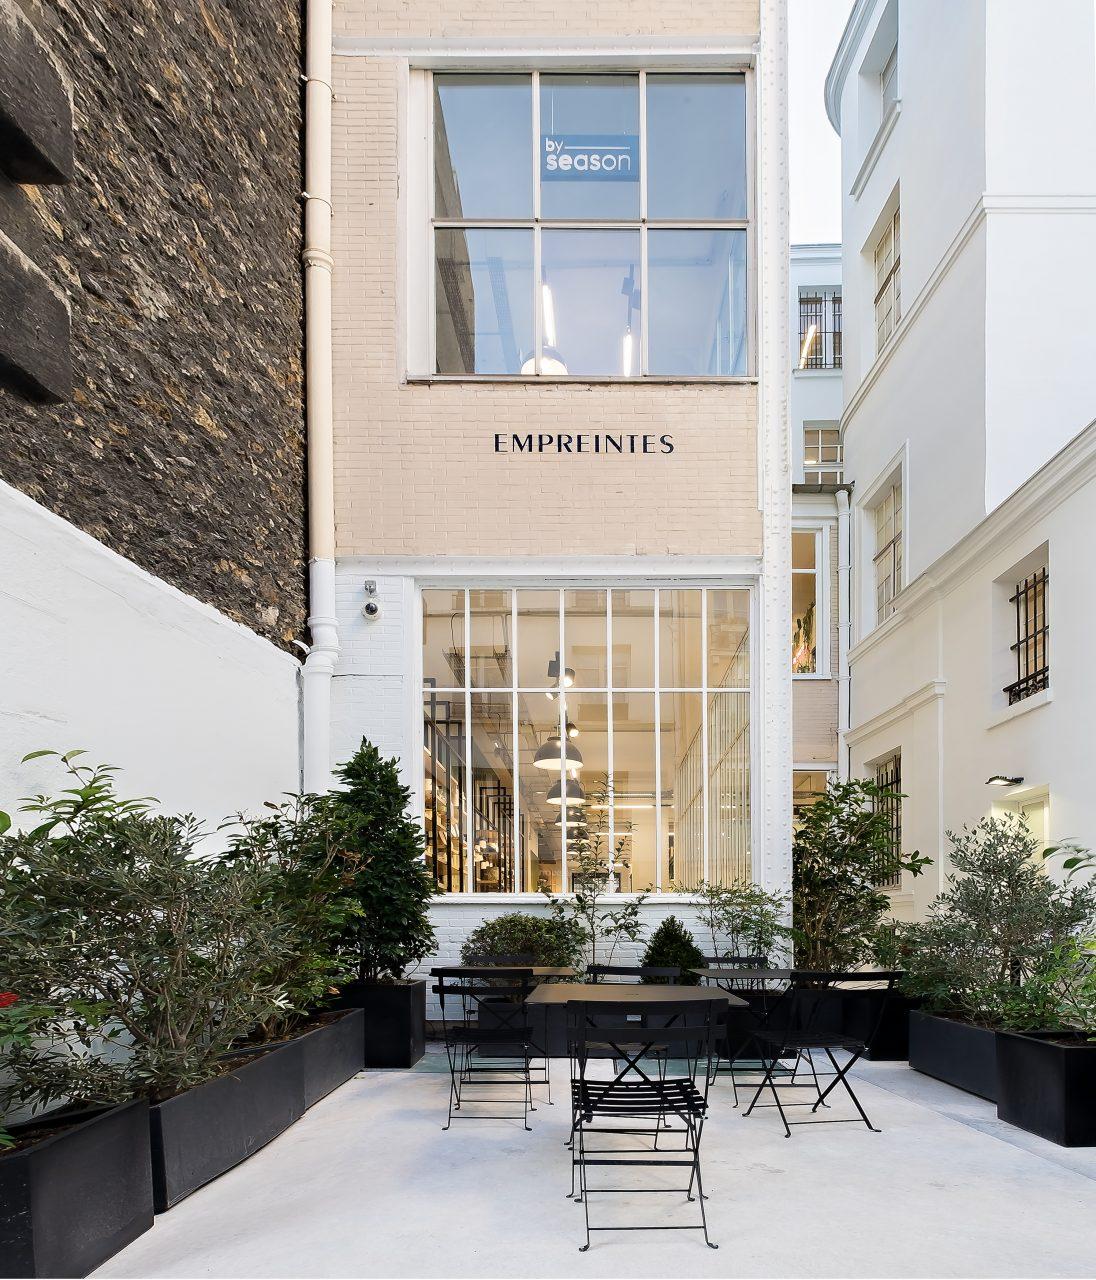 photographe entreprises architecture d coration paris. Black Bedroom Furniture Sets. Home Design Ideas